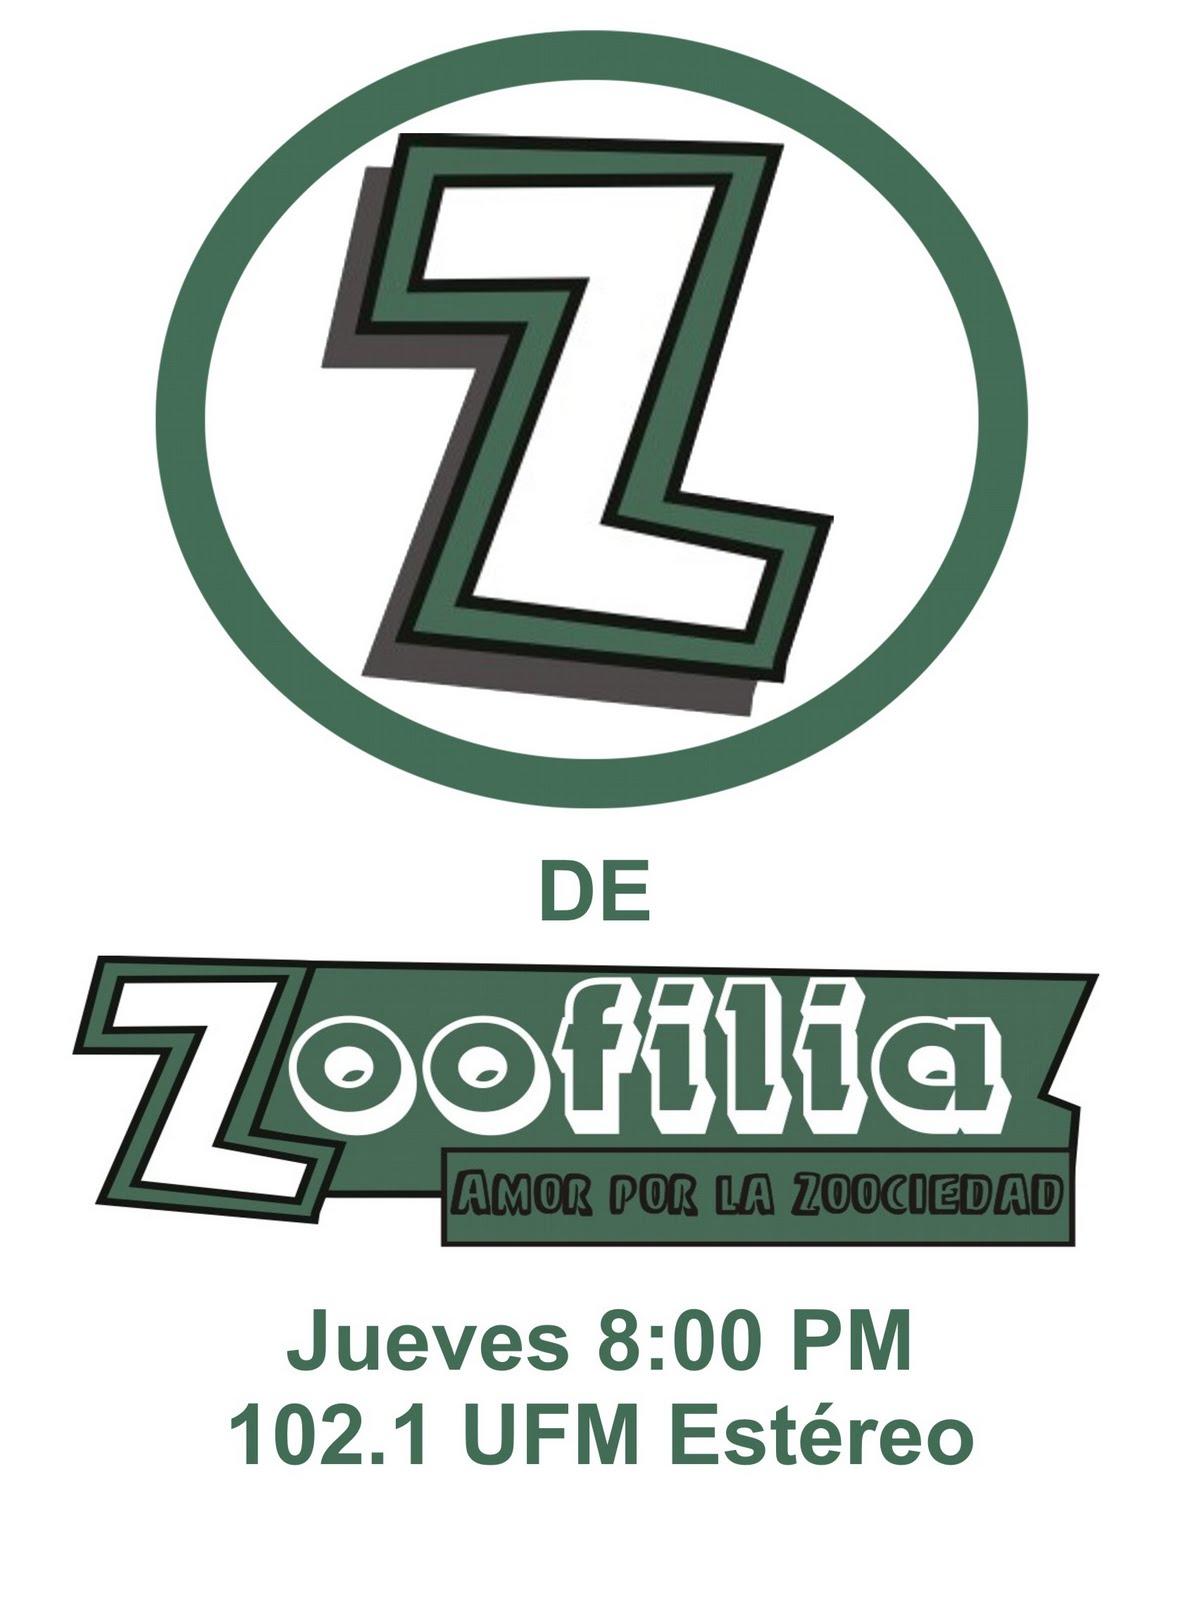 Blog de Zoofilia: Zde Zoofilia, Nueva temporada